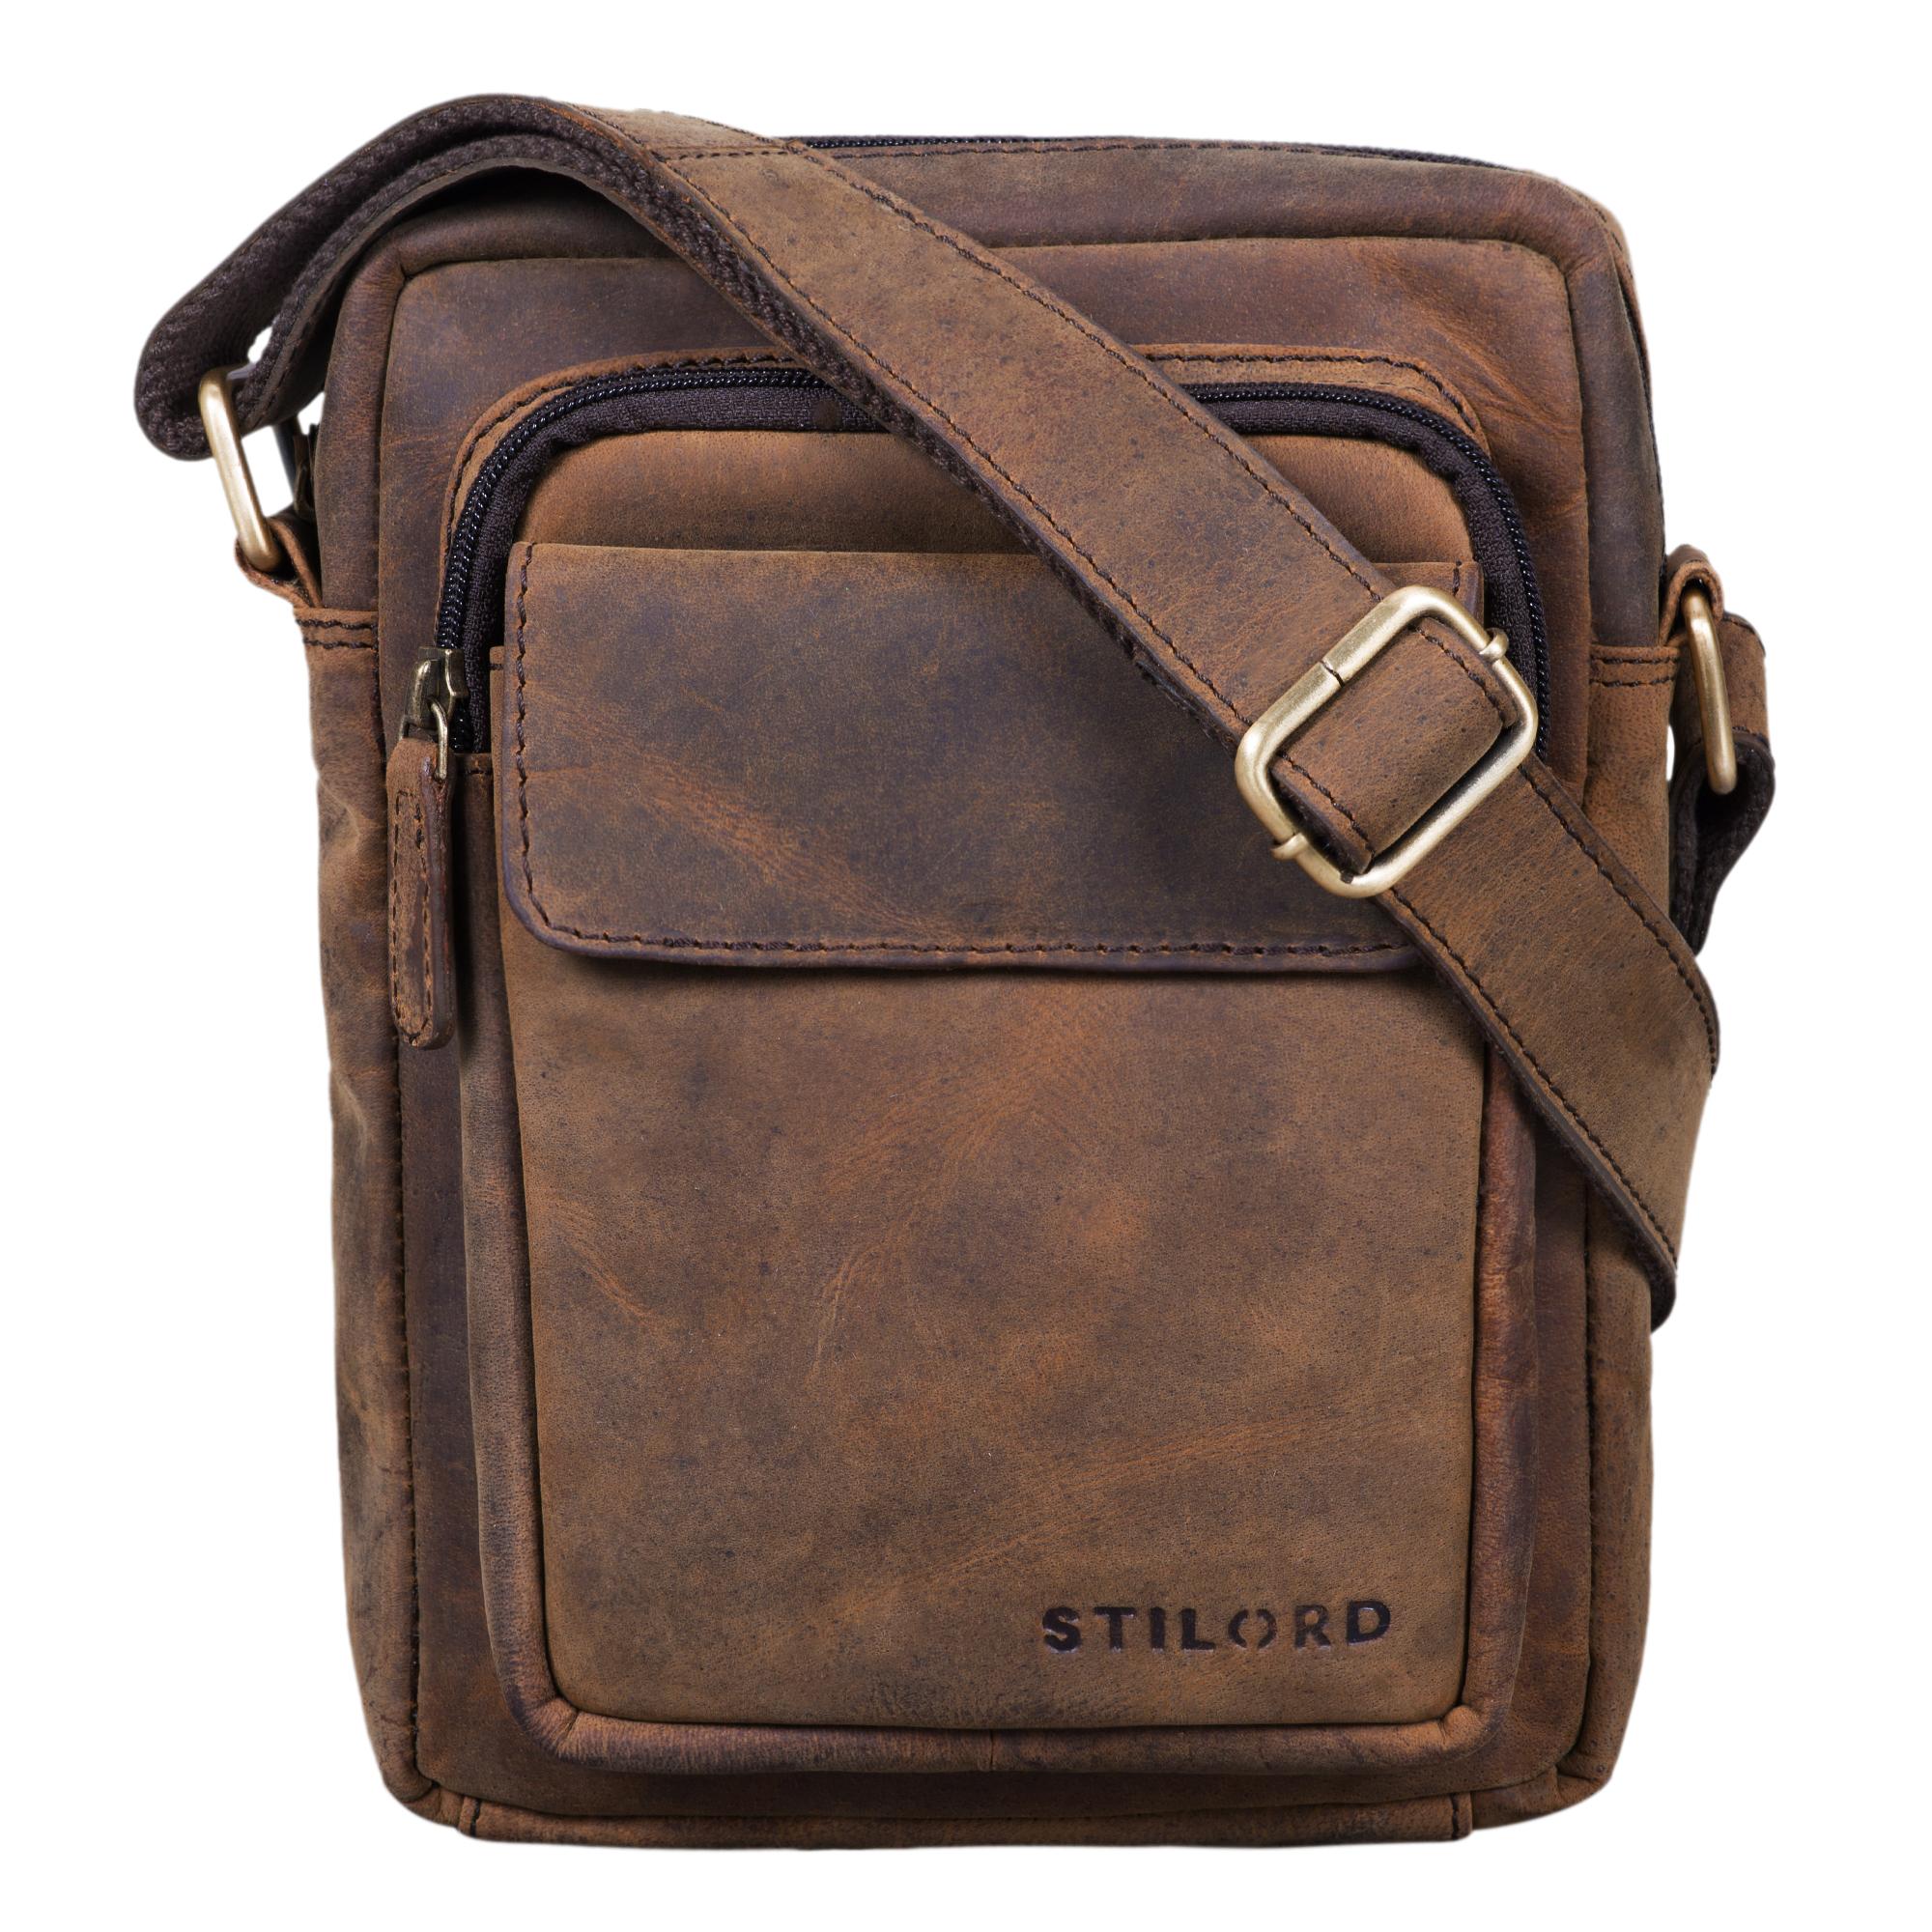 """STILORD """"Jannis"""" Leder Umhängetasche Männer klein Vintage Messenger Bag Herren-Tasche Tablettasche für 9.7 Zoll iPad Schultertasche aus echtem Leder - Bild 15"""